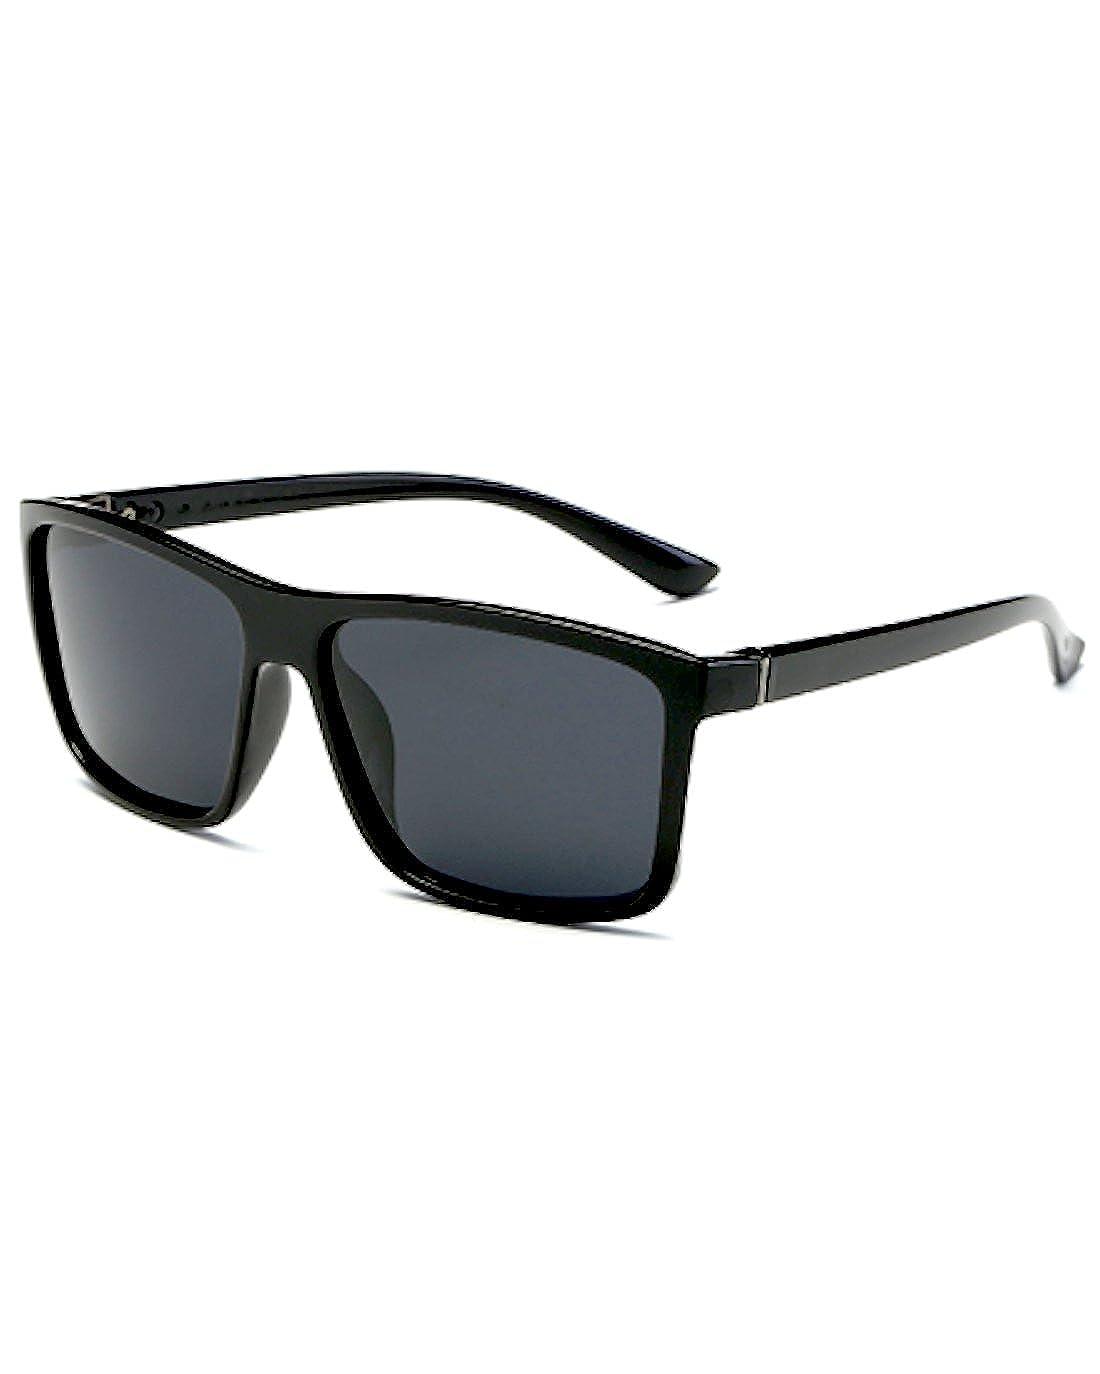 72af0326de1b Amazon | [FREESE] 偏光 サングラス メンズ 3D立体 超軽量 UV400 紫外線カット スポーツ ドライブ バイク 運転  クロス&メガネケース(ブラック) | サングラス 通販